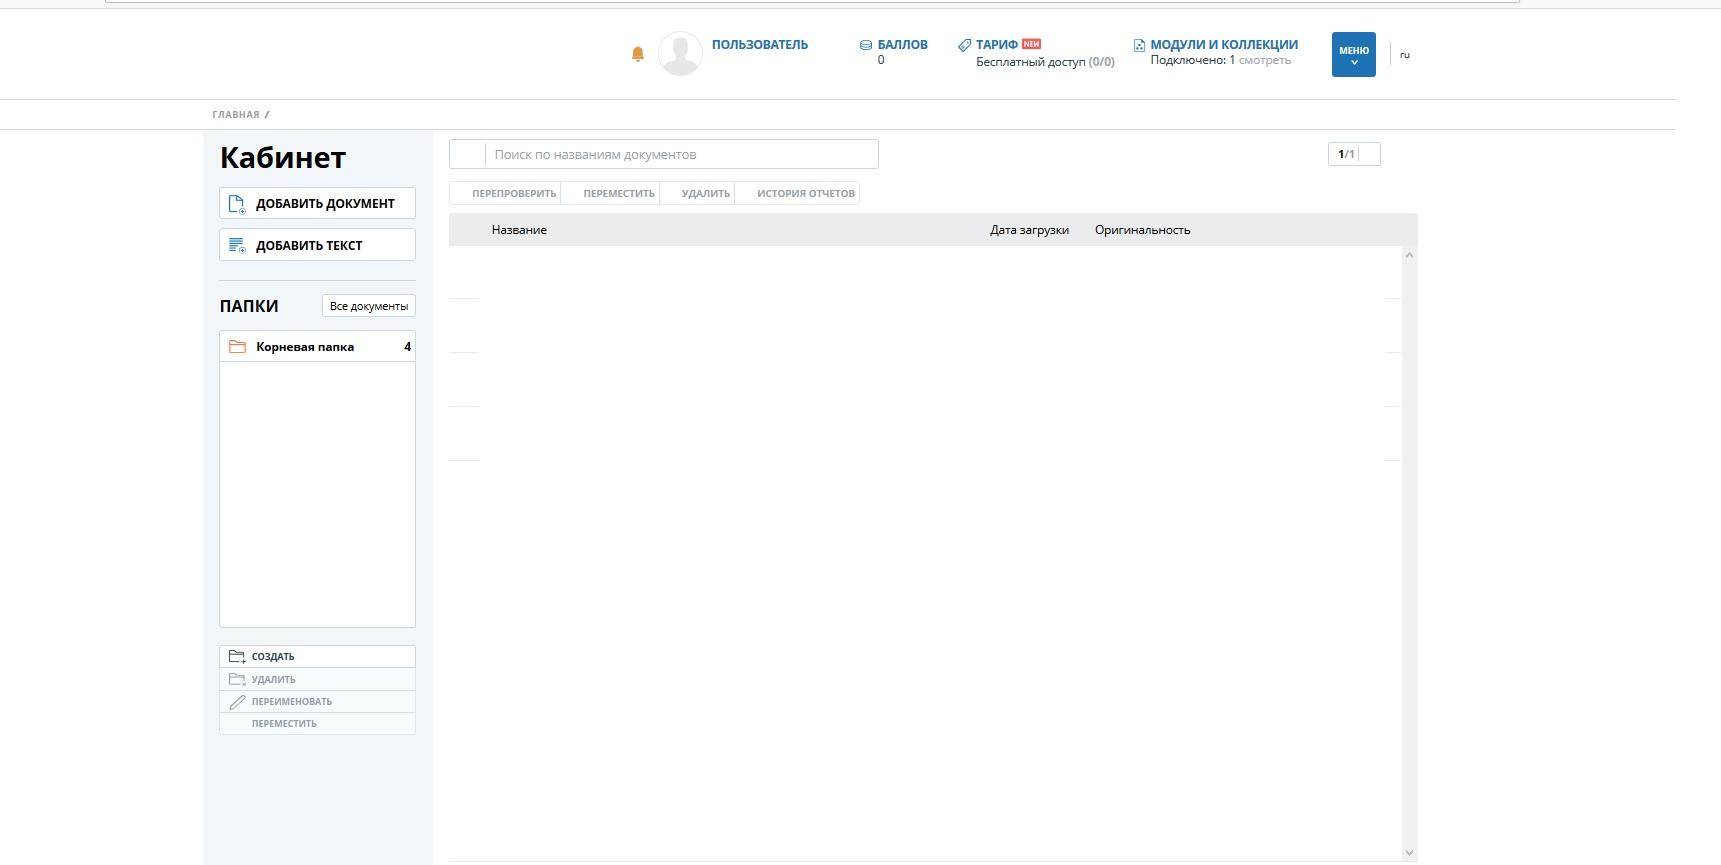 антиплагиат онлайн проверка текста